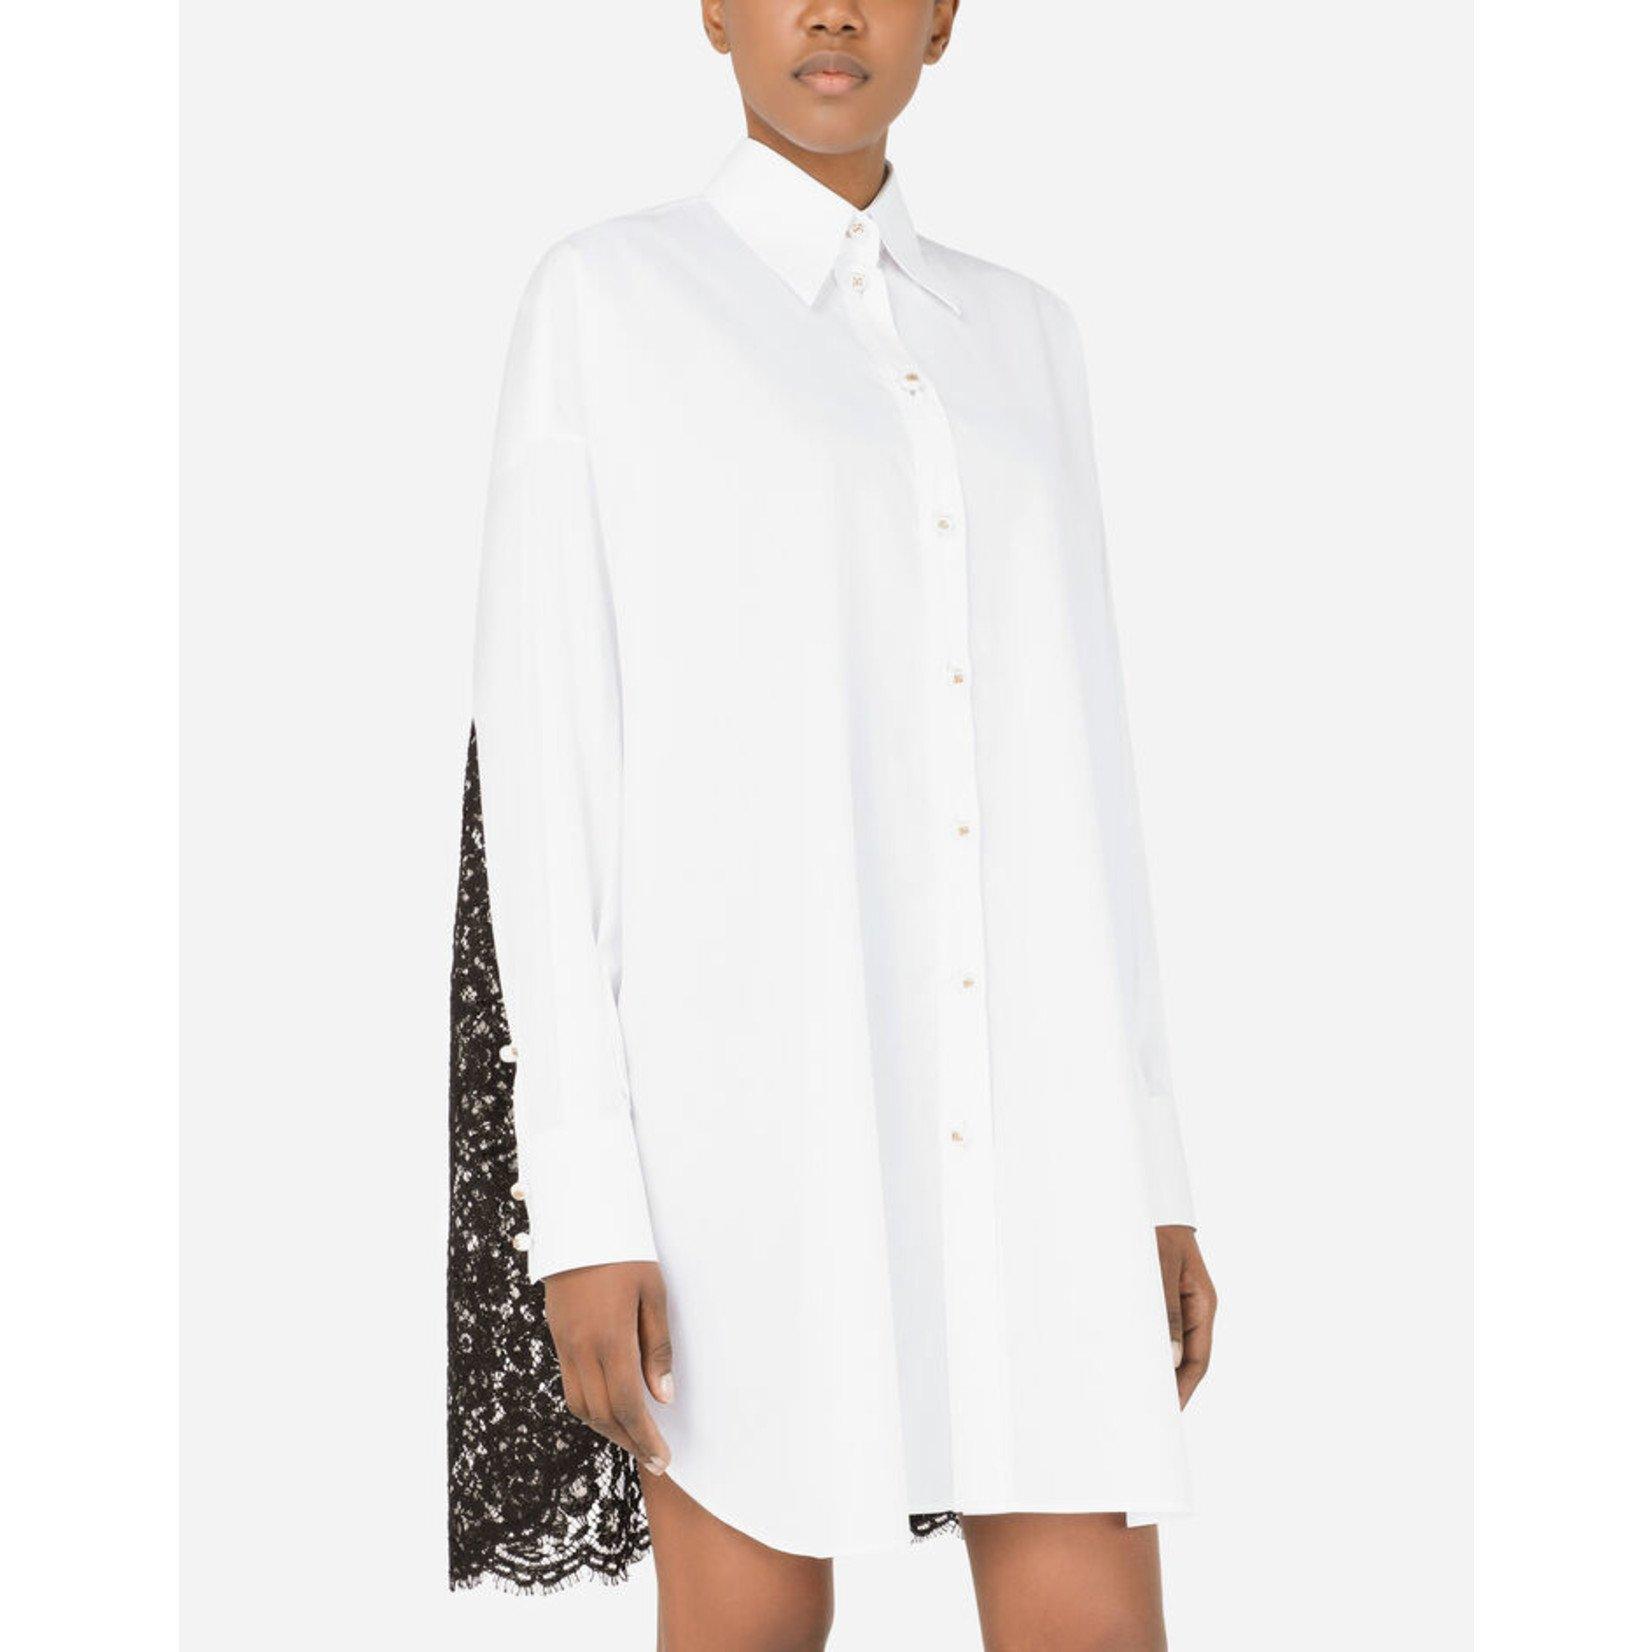 Dolce&Gabbana Hemd 42956